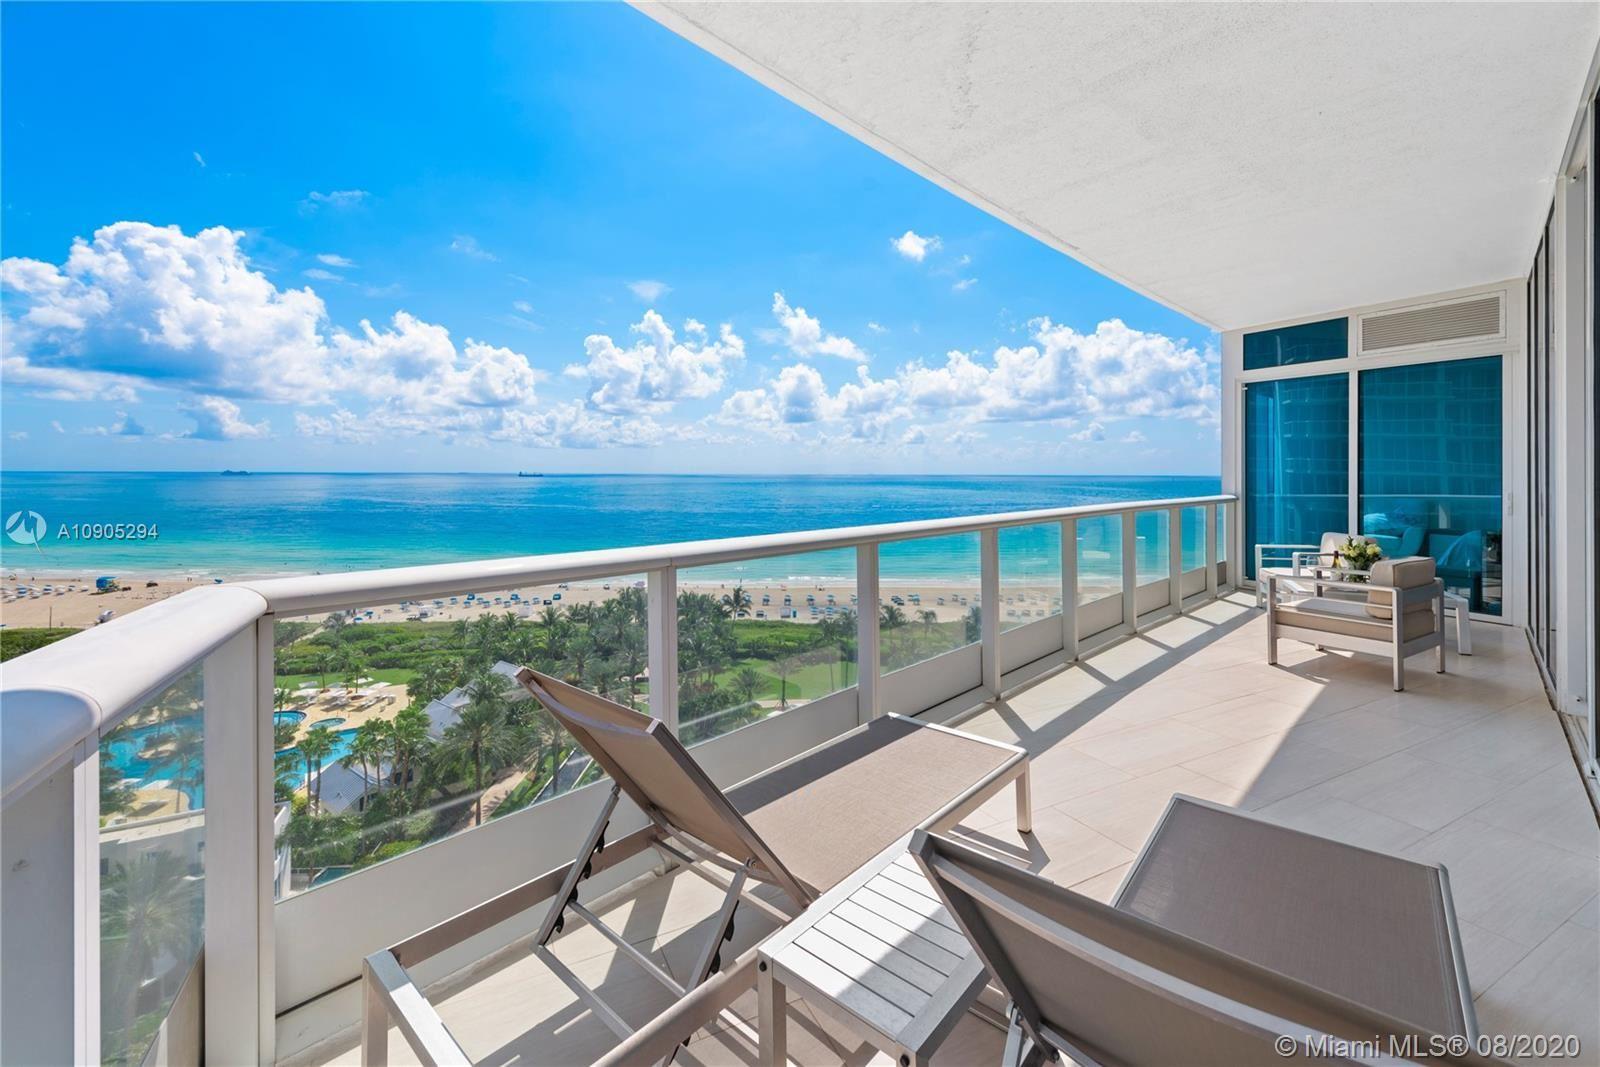 100 S Pointe Dr #1409, Miami Beach, FL 33139 - #: A10905294